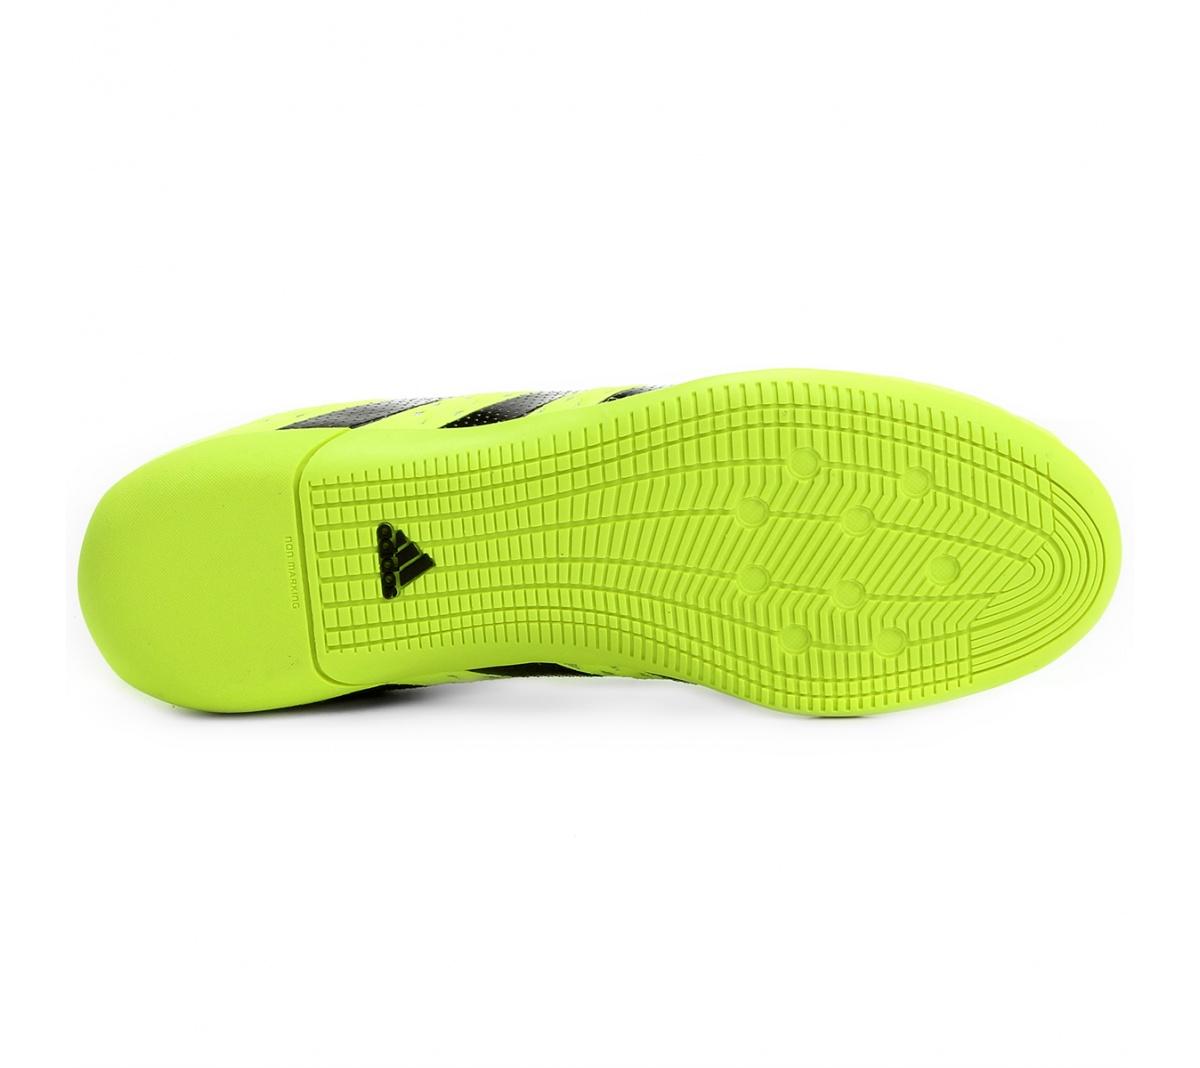 61a96df01b Tenis Adidas Ace 16.3 Futsal - Mundo do Futebol